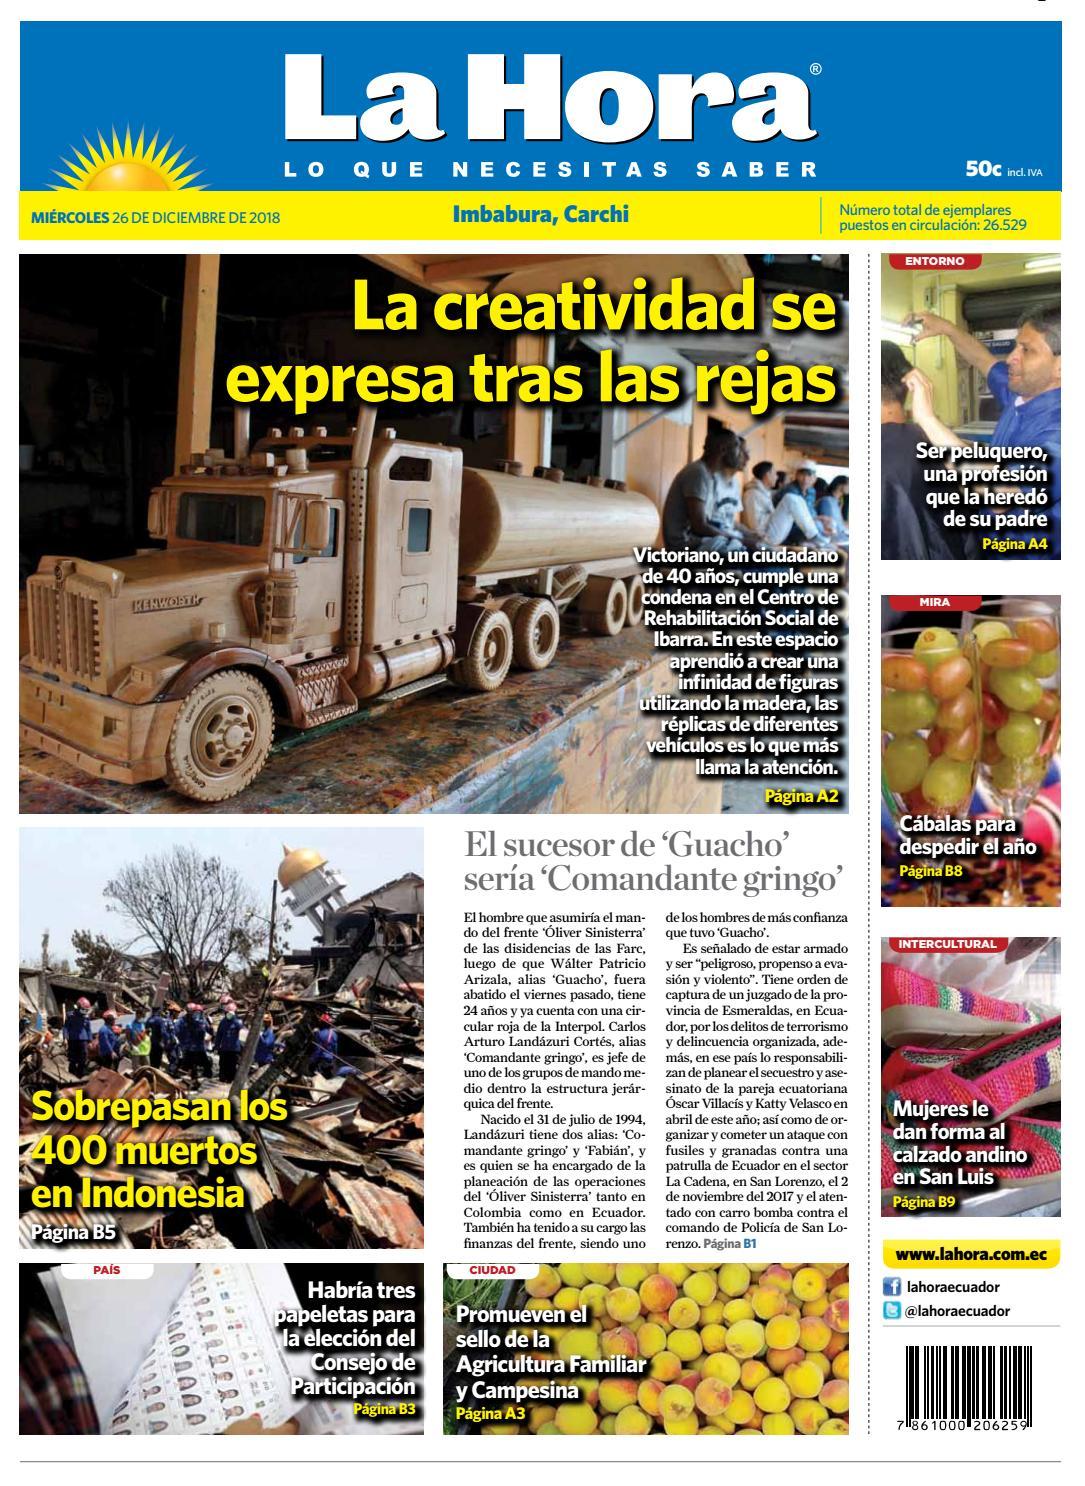 Imbabura Del 2018 Diario By Ecuador 26 De La Hora Carchi Diciembre rWoeBQdxC